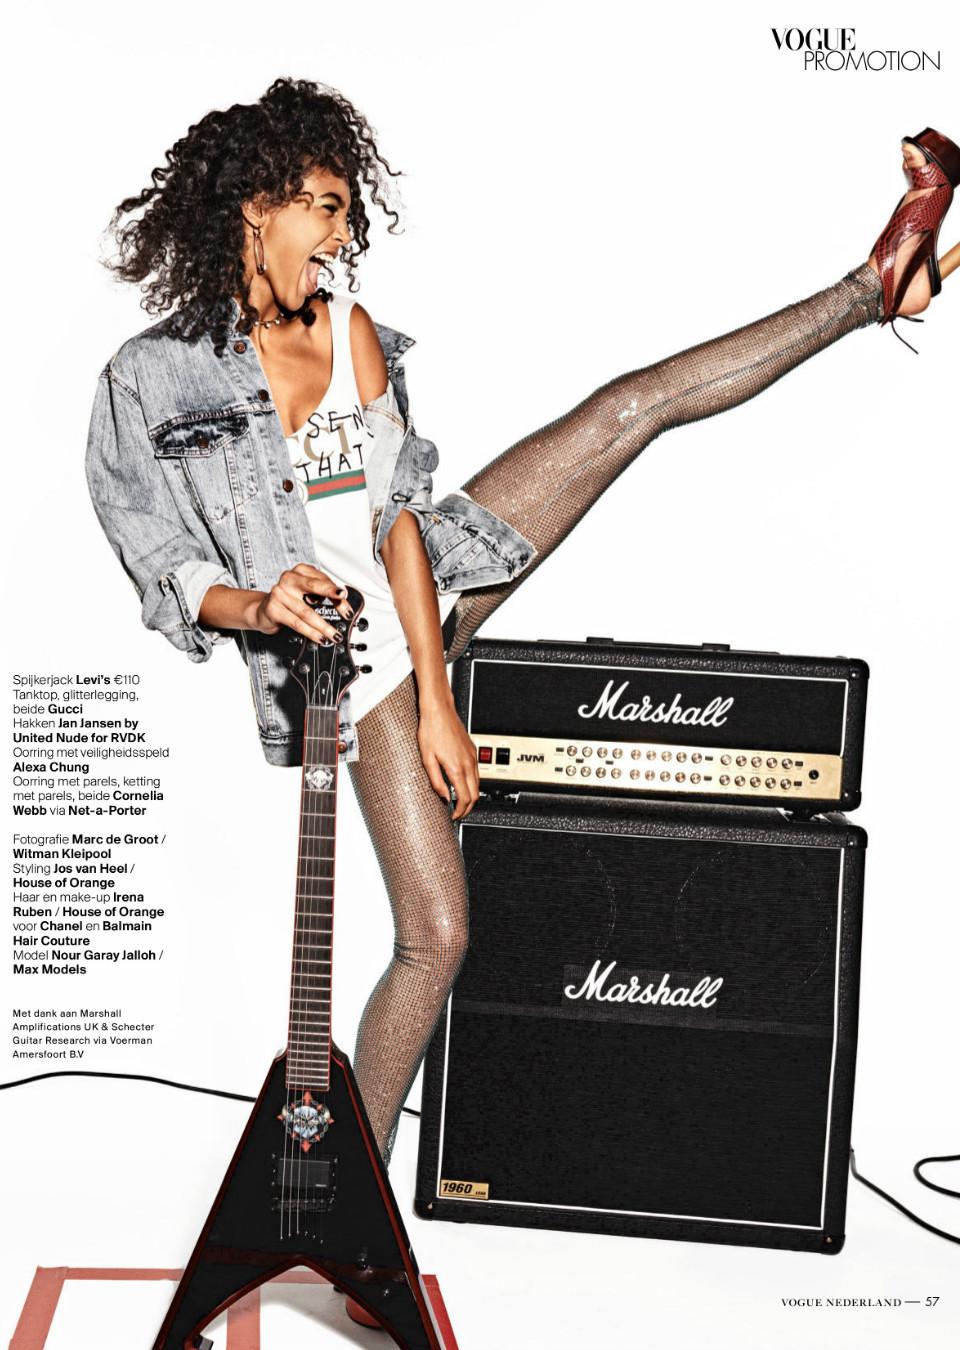 Vogue NL - Oct '17